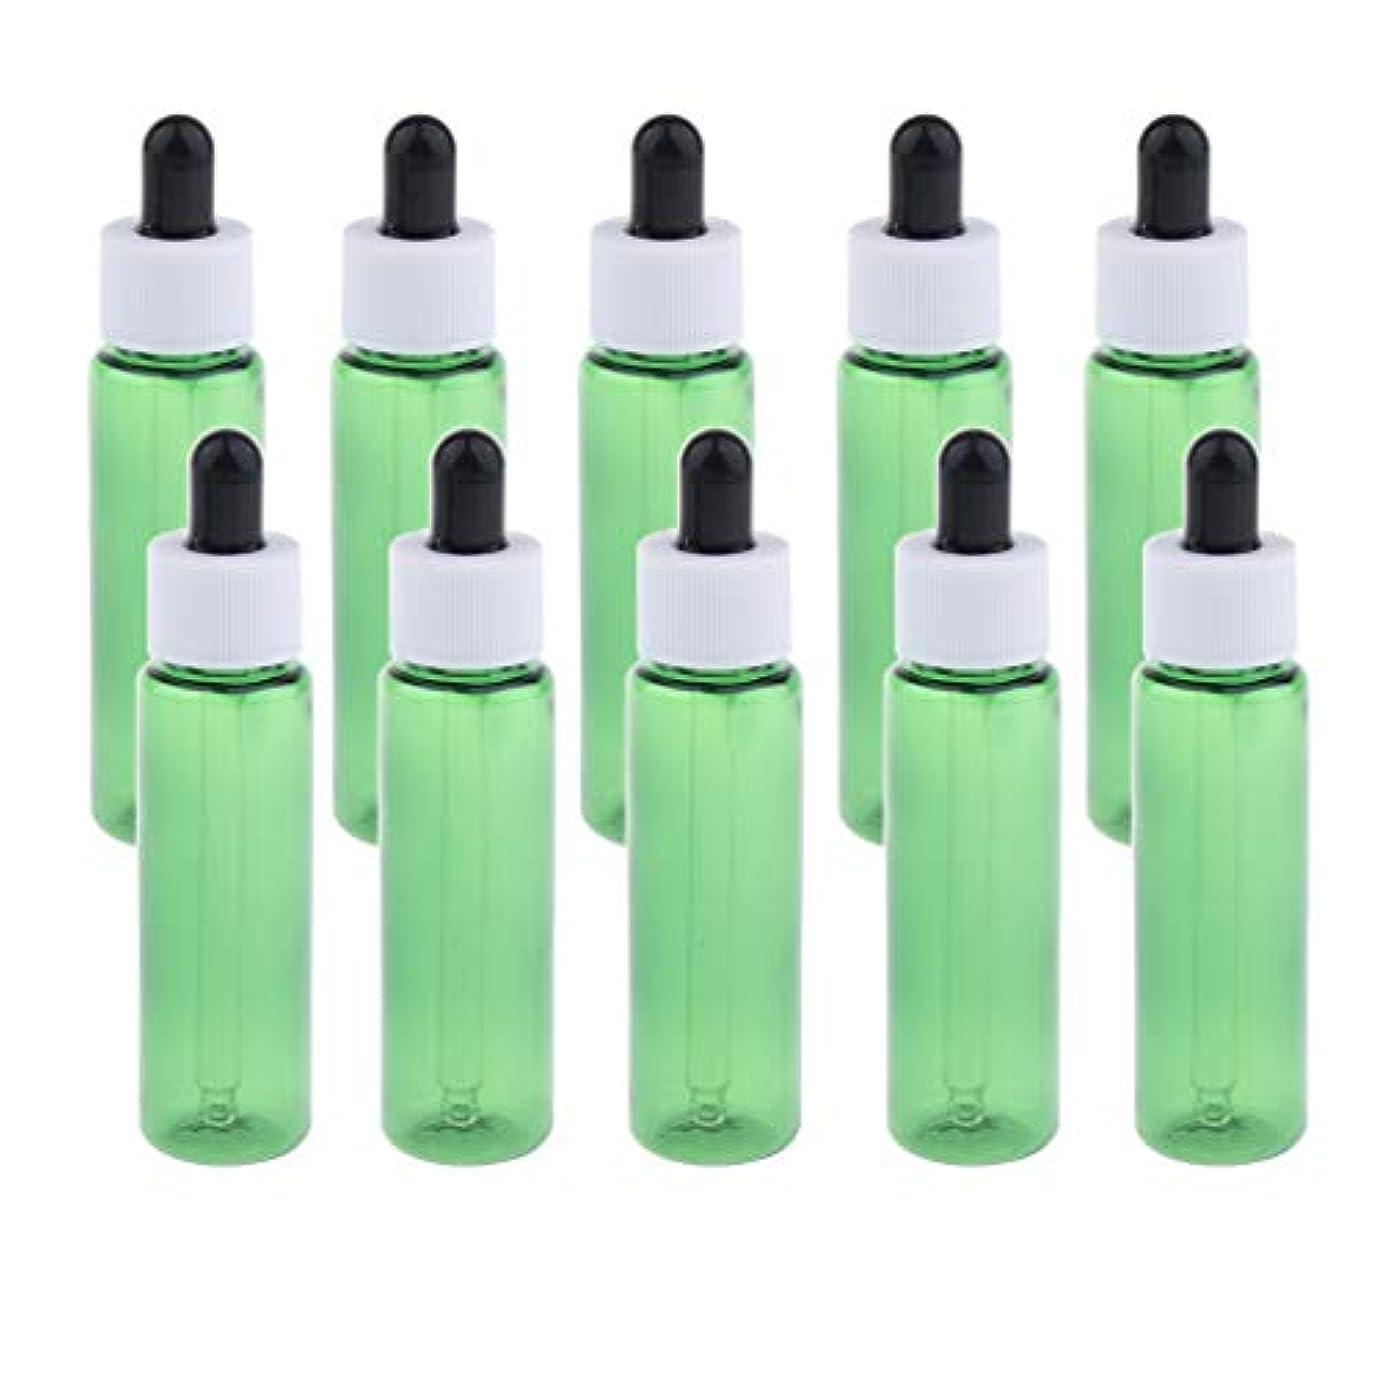 生む好奇心盛ウールsharprepublic 30ml スポイトボトル 香水瓶 詰替え容器 エッセンシャルオイル 全4色 約10個セット - 緑